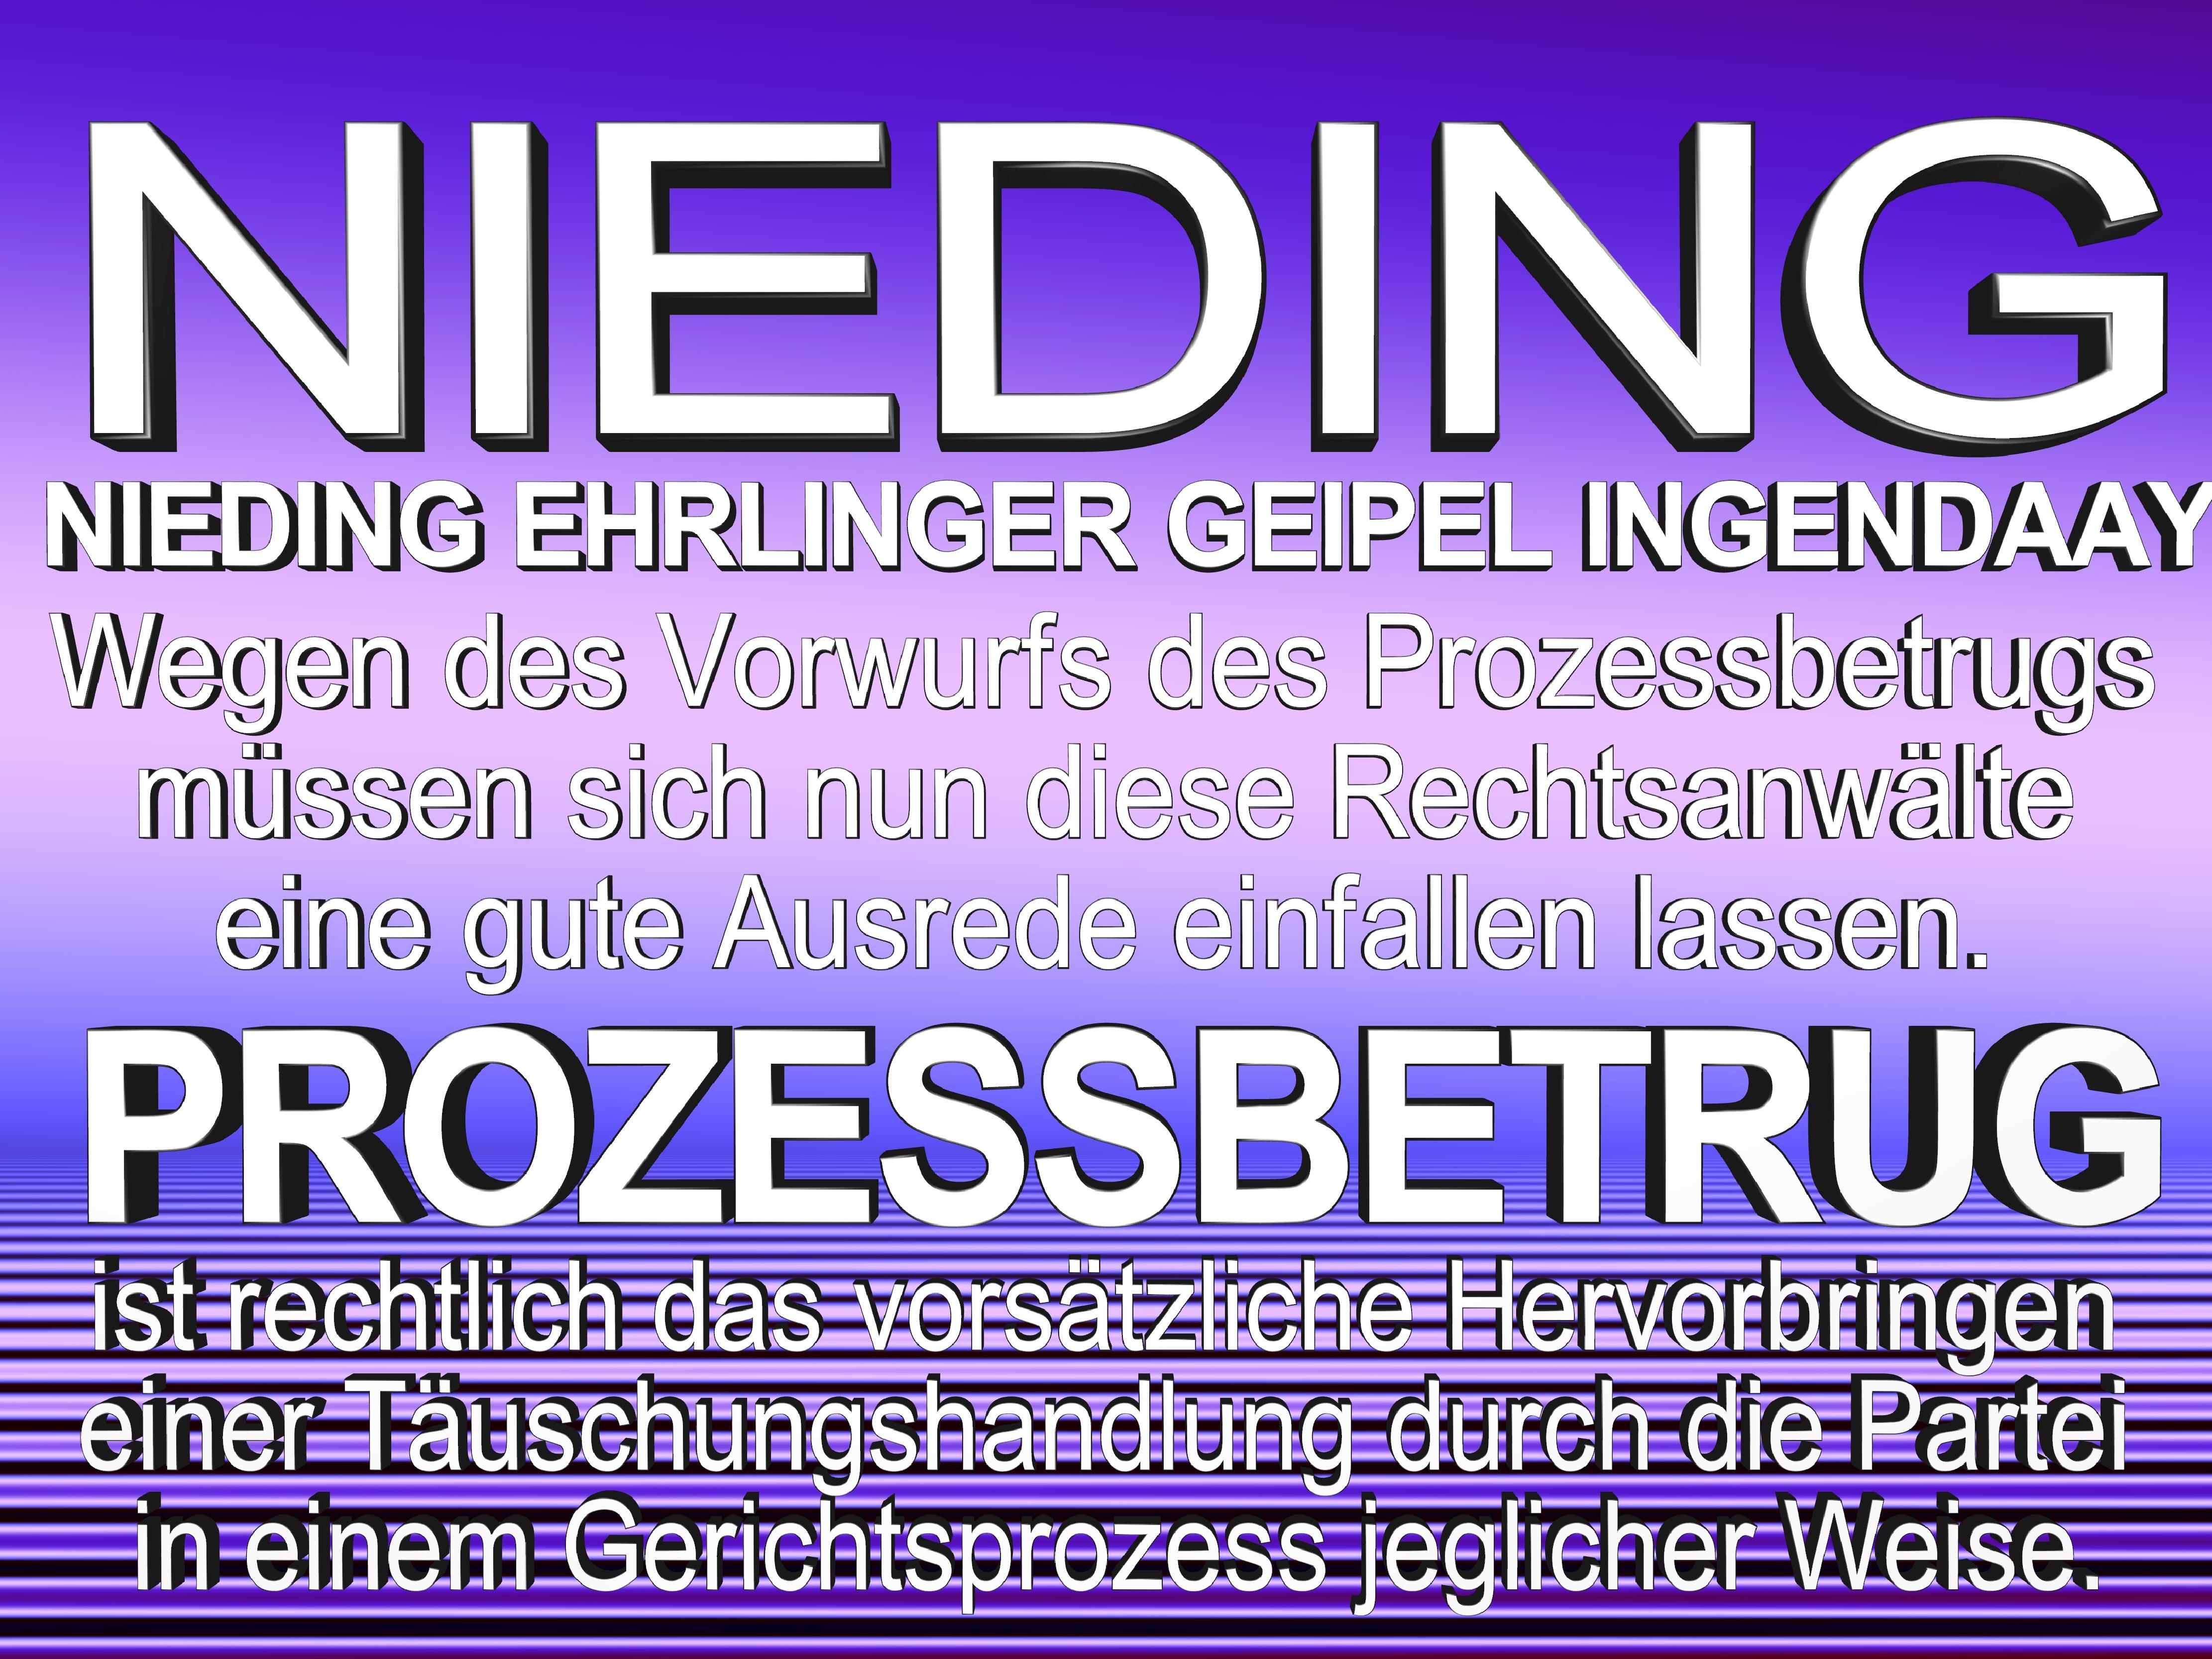 NIEDING EHRLINGER GEIPEL INGENDAAY LELKE Kurfürstendamm 66 Berlin (4)